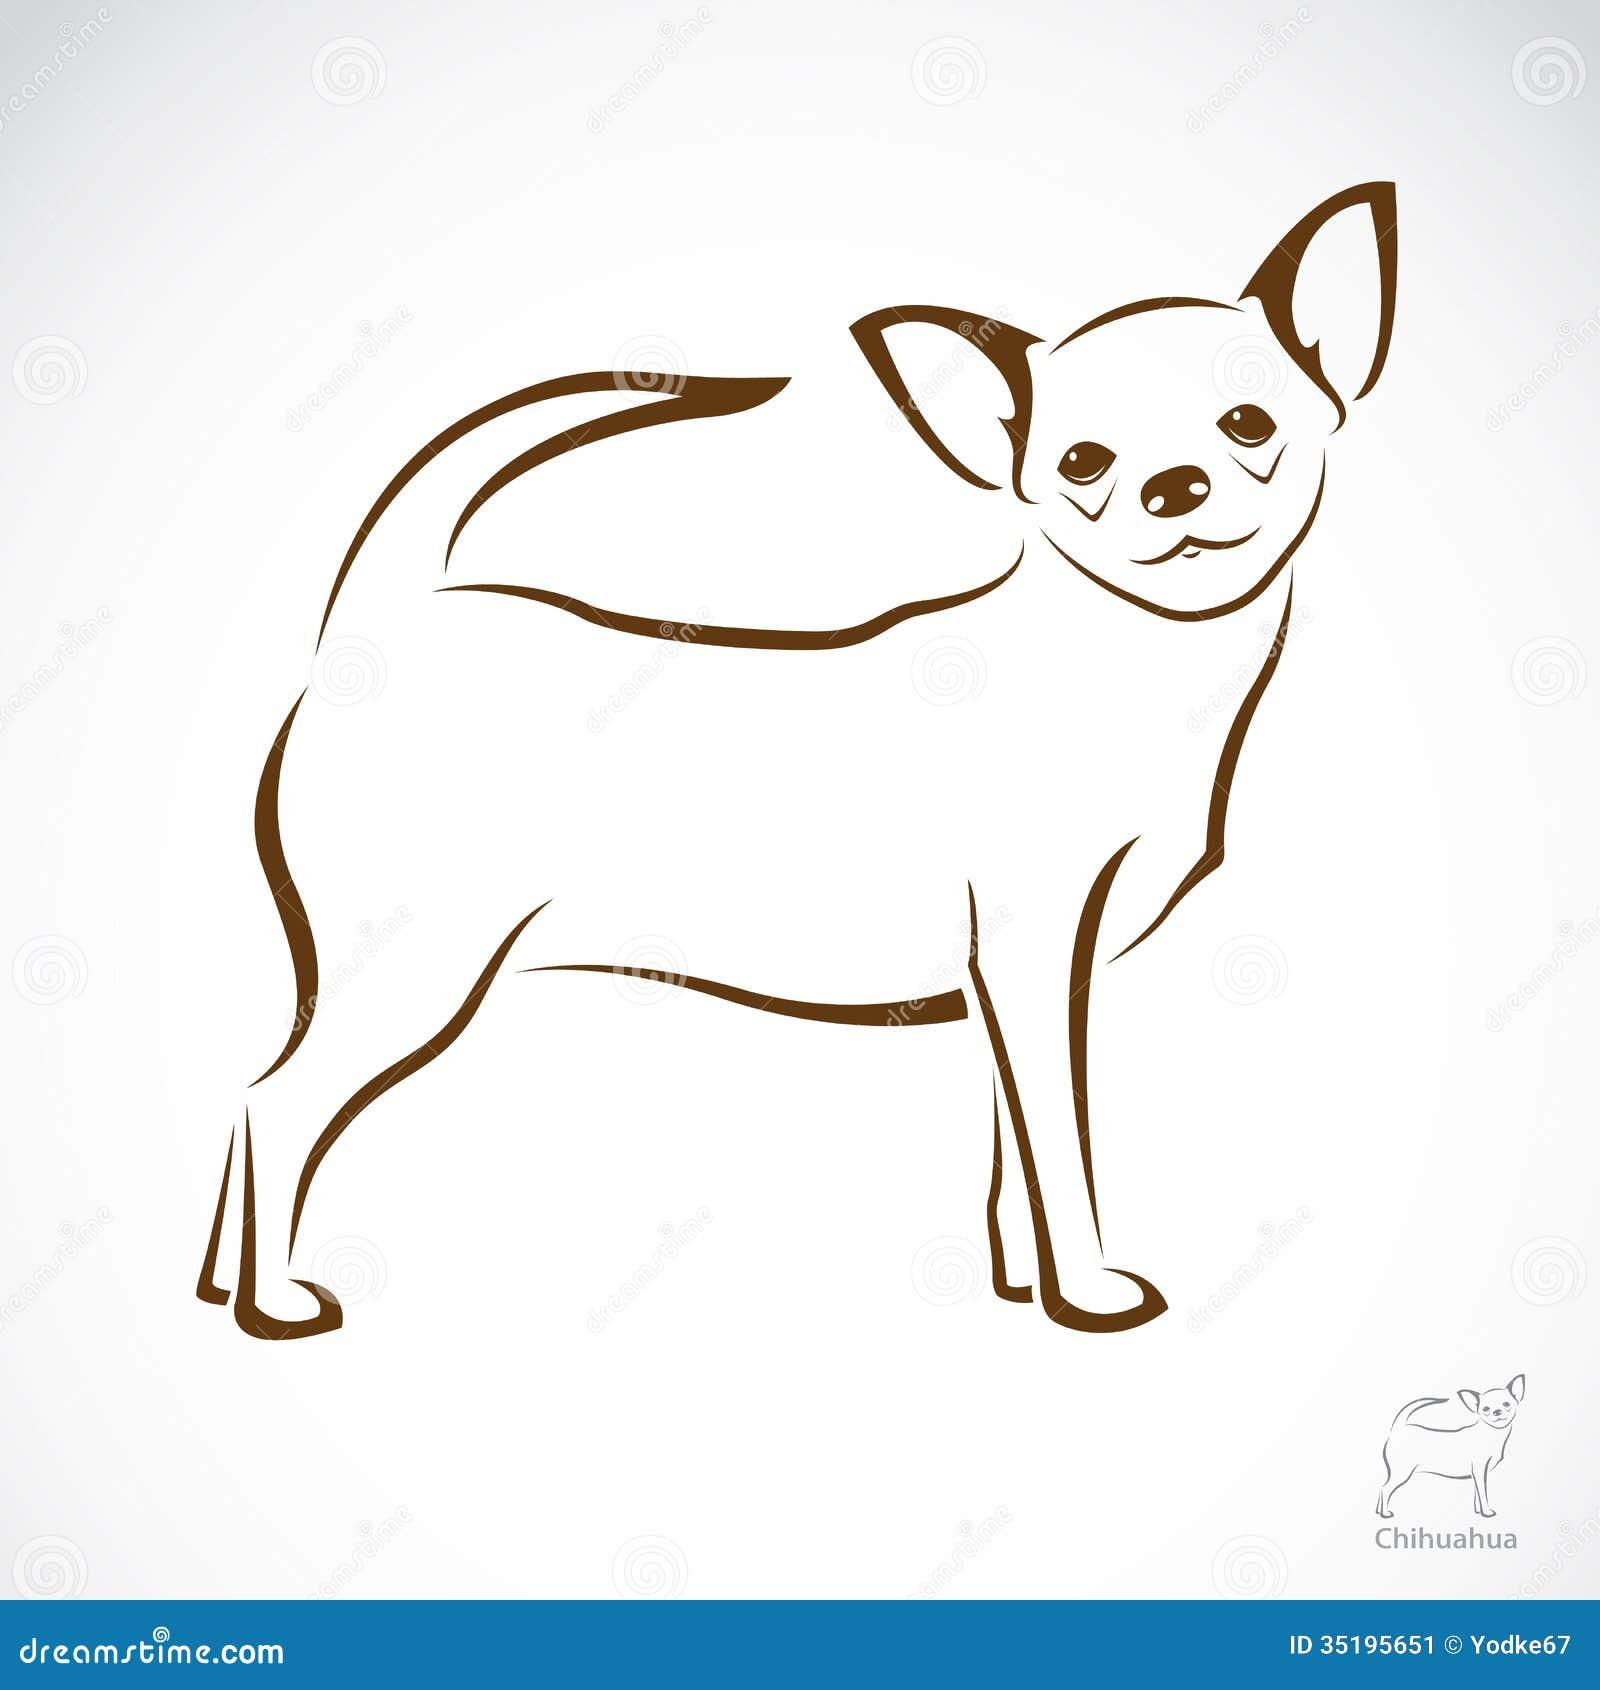 Dorable Chihuahua Para Colorear Colección de Imágenes - Dibujos de ...